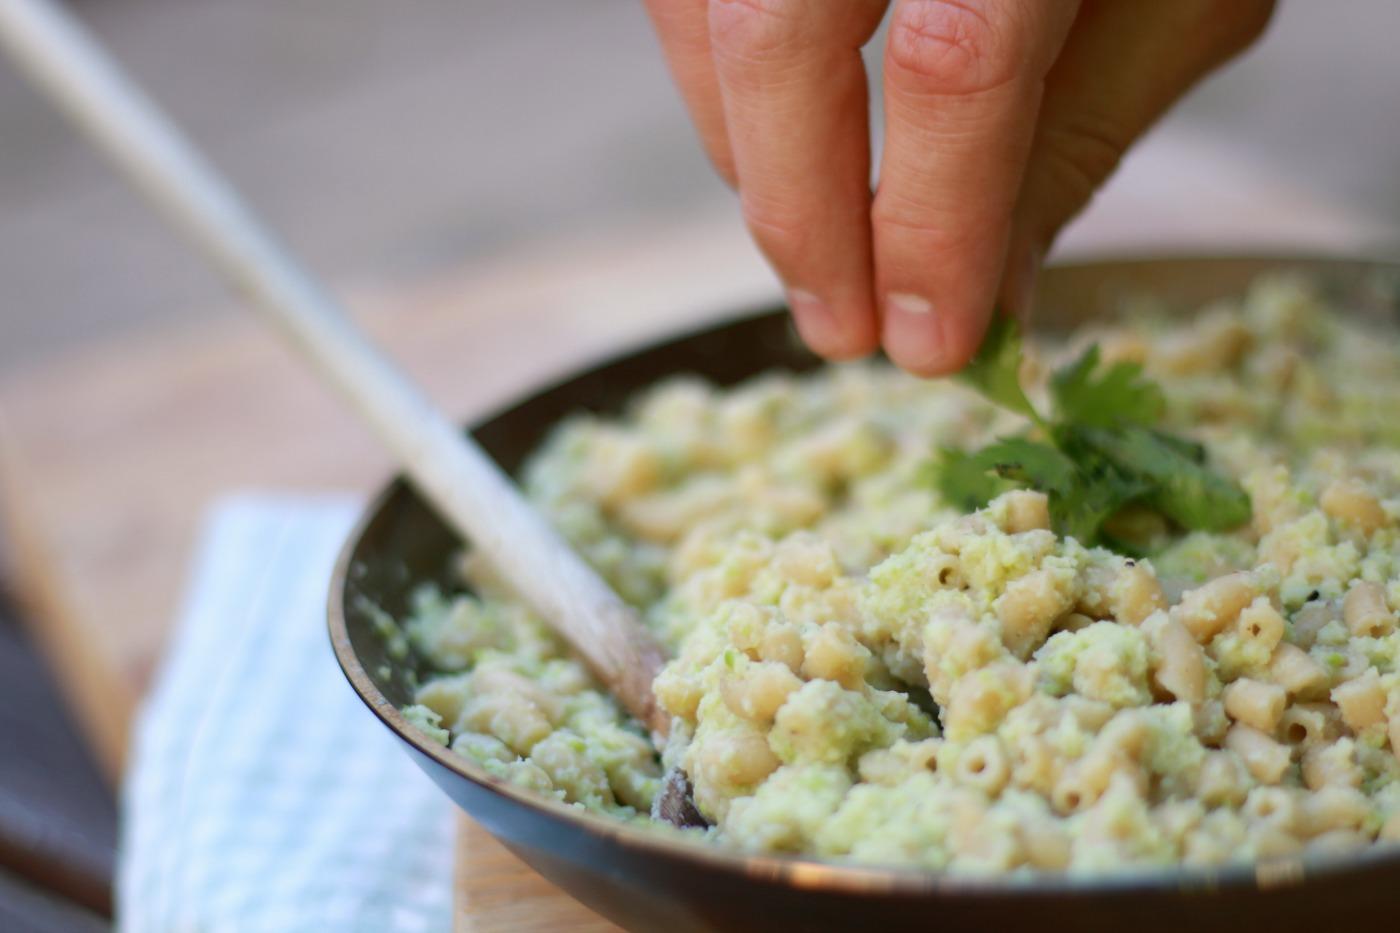 snelle en gezonde recepten - Mac en cheese met bloemkool